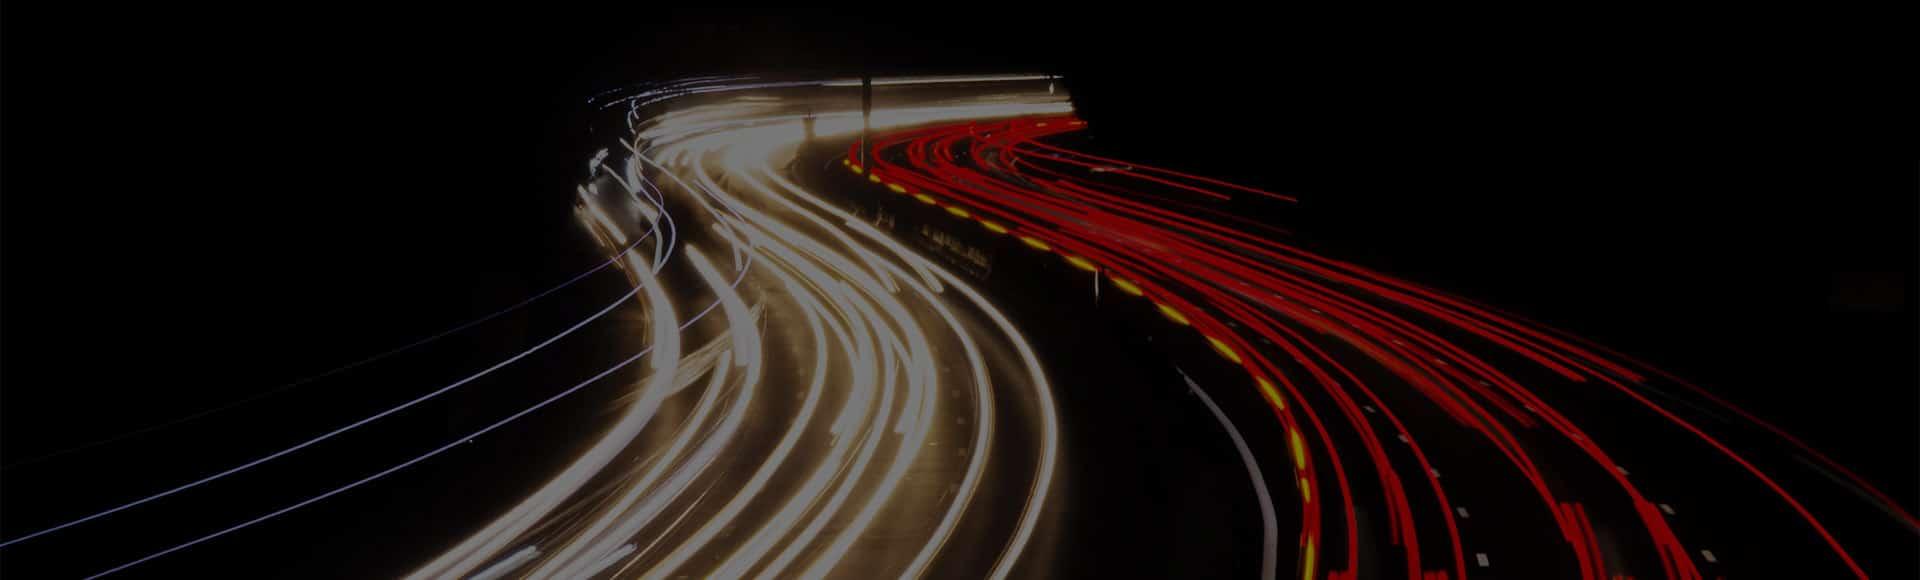 Becker Logistics Newsletter Image